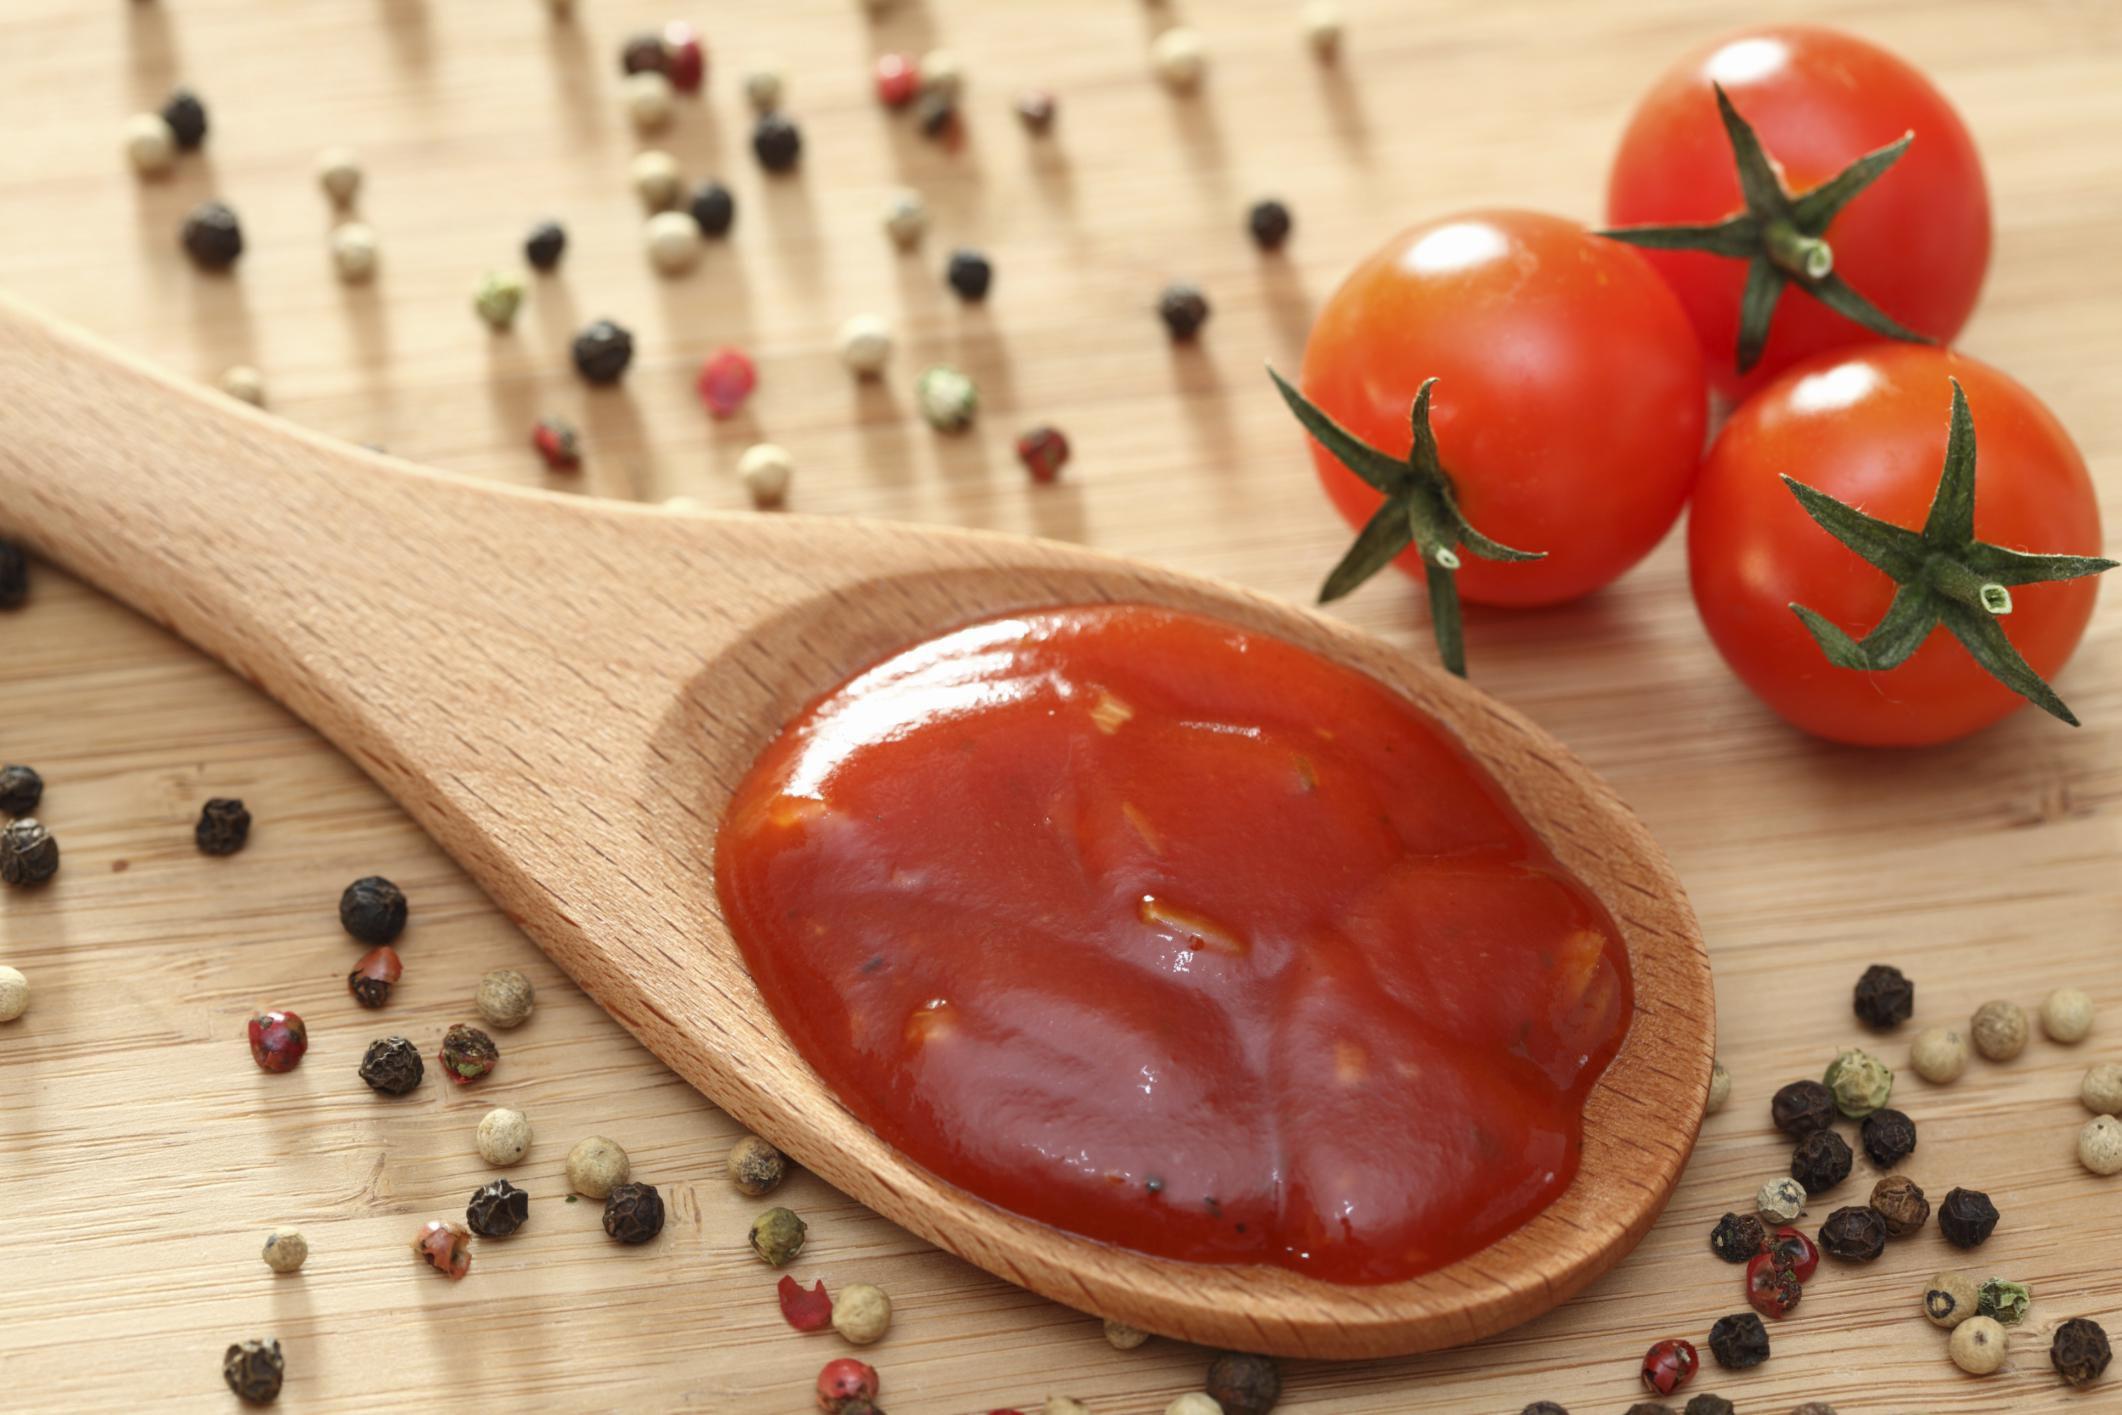 Easy Tomato Ketchup Recipe Using Tomato Paste